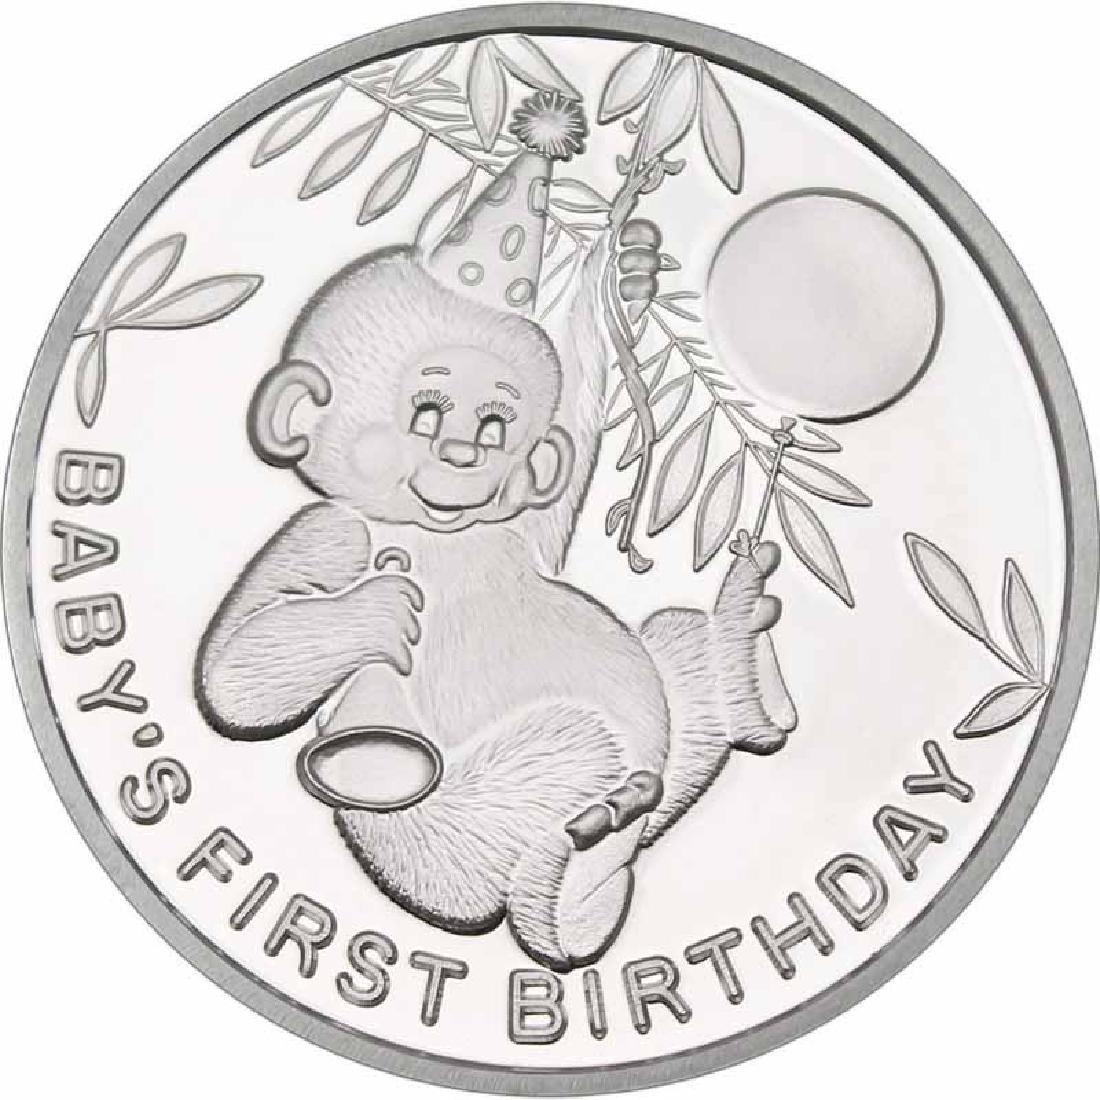 Babys First Birthday .999 Silver 1 oz Round